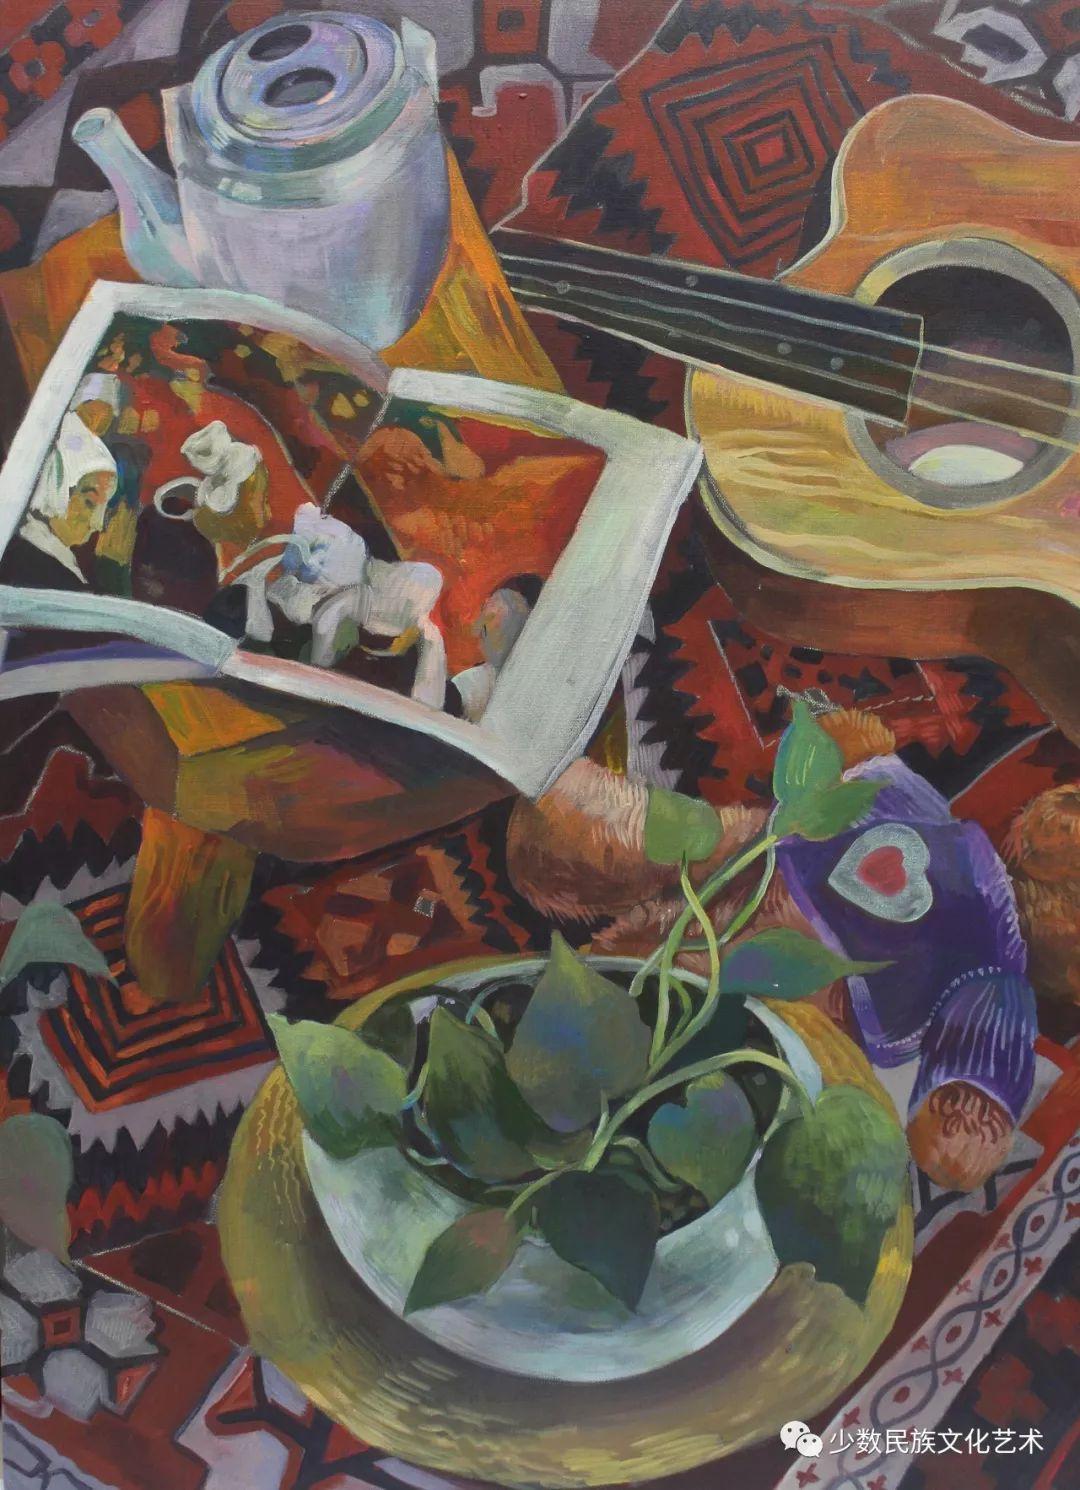 生活.礼物——蒙古族画家杨佳作品欣赏 第3张 生活.礼物——蒙古族画家杨佳作品欣赏 蒙古画廊